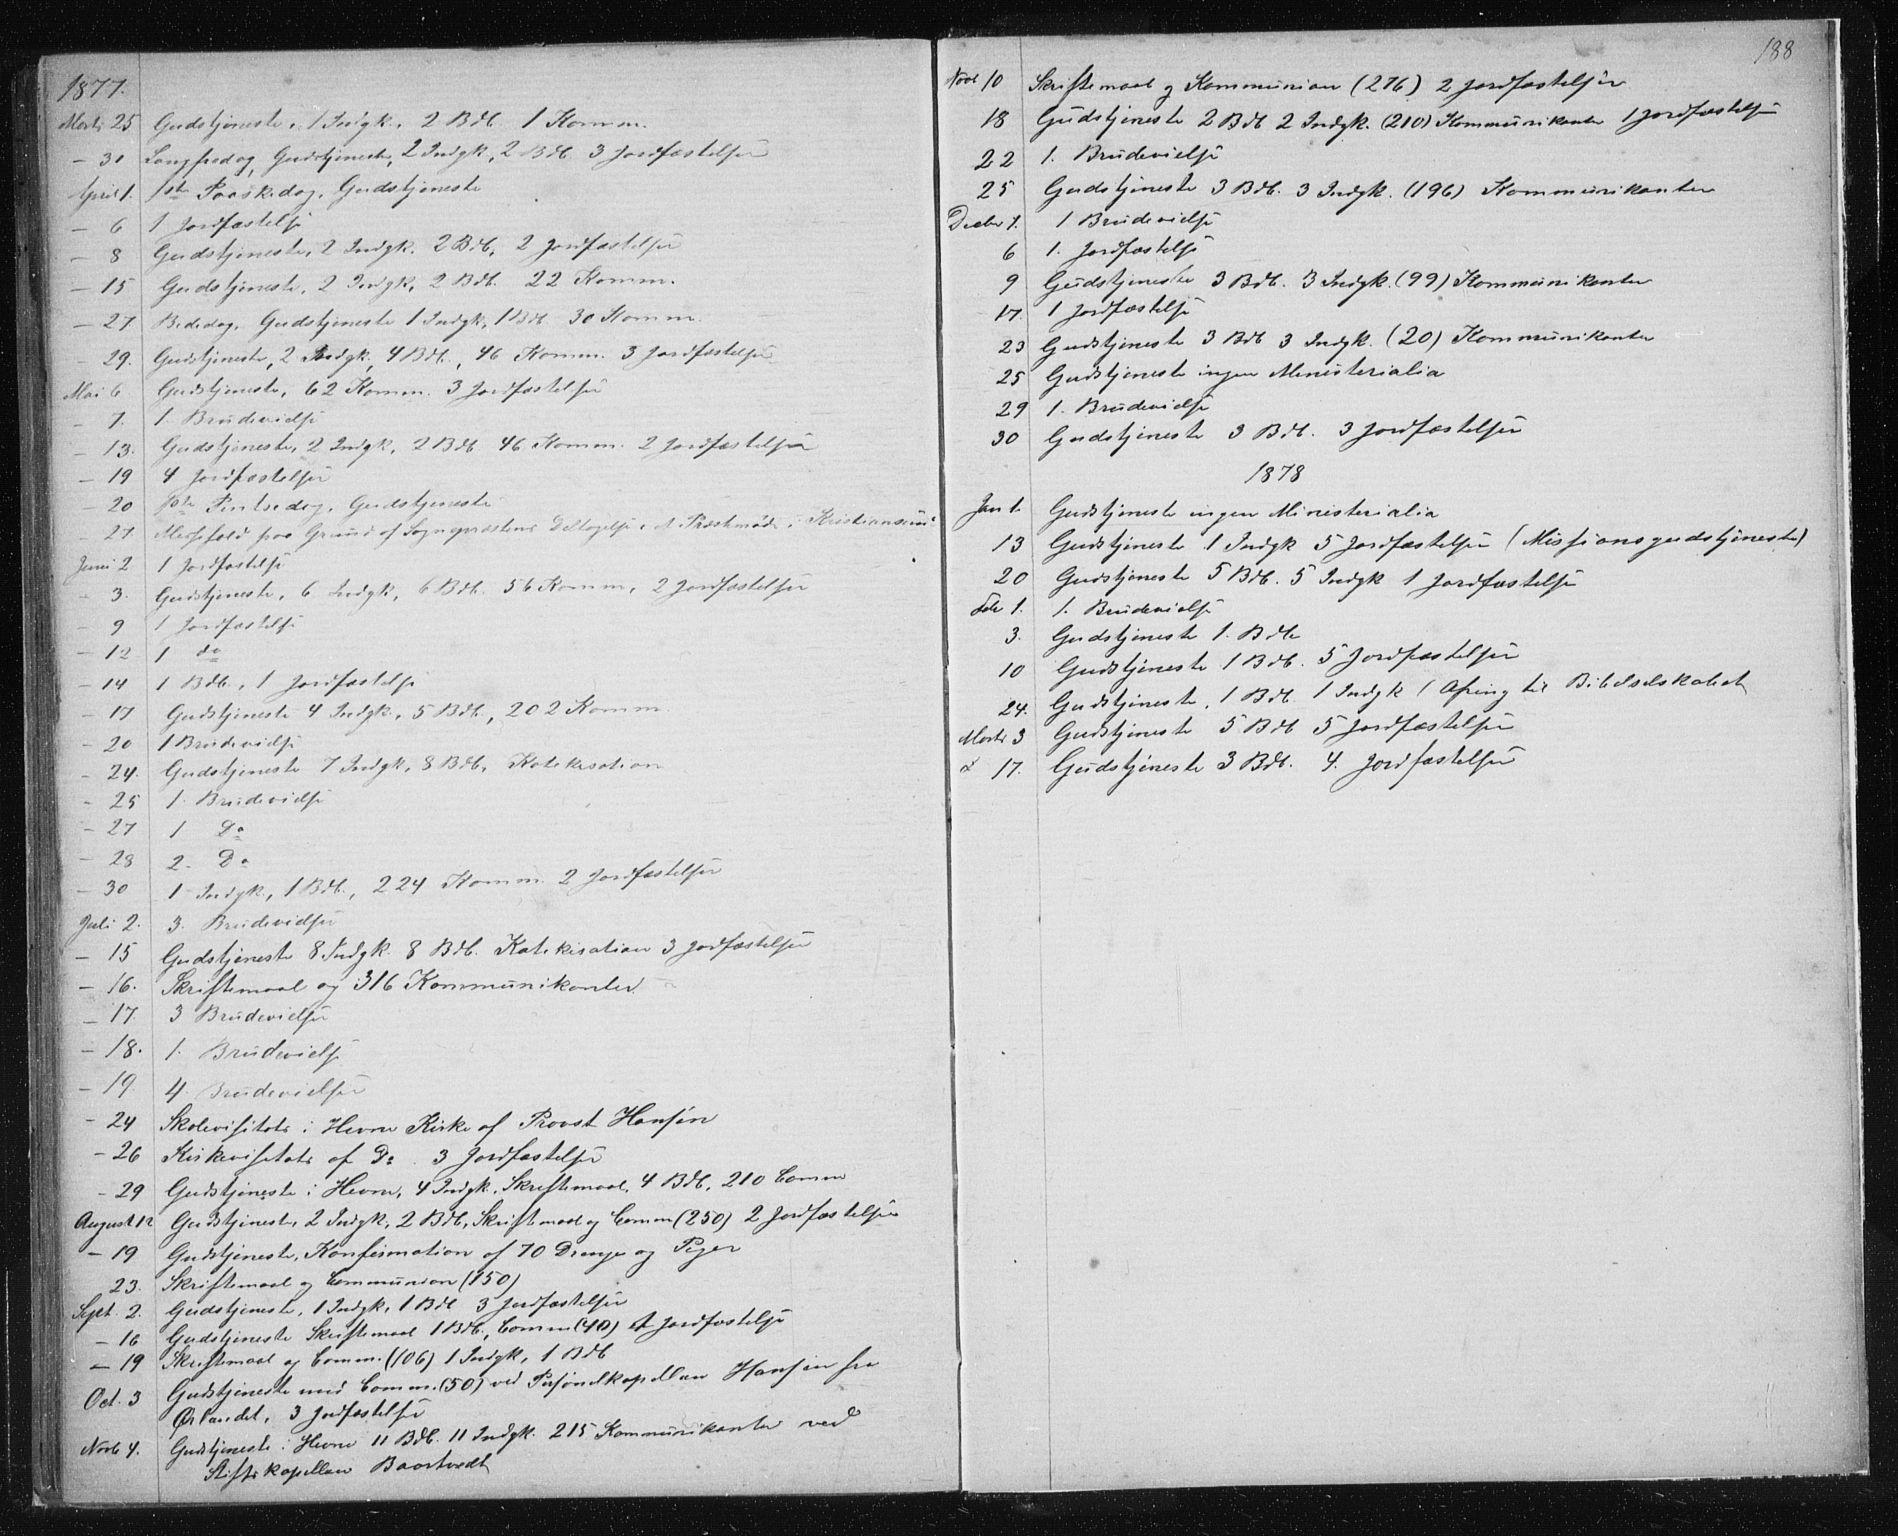 SAT, Ministerialprotokoller, klokkerbøker og fødselsregistre - Sør-Trøndelag, 630/L0503: Klokkerbok nr. 630C01, 1869-1878, s. 188